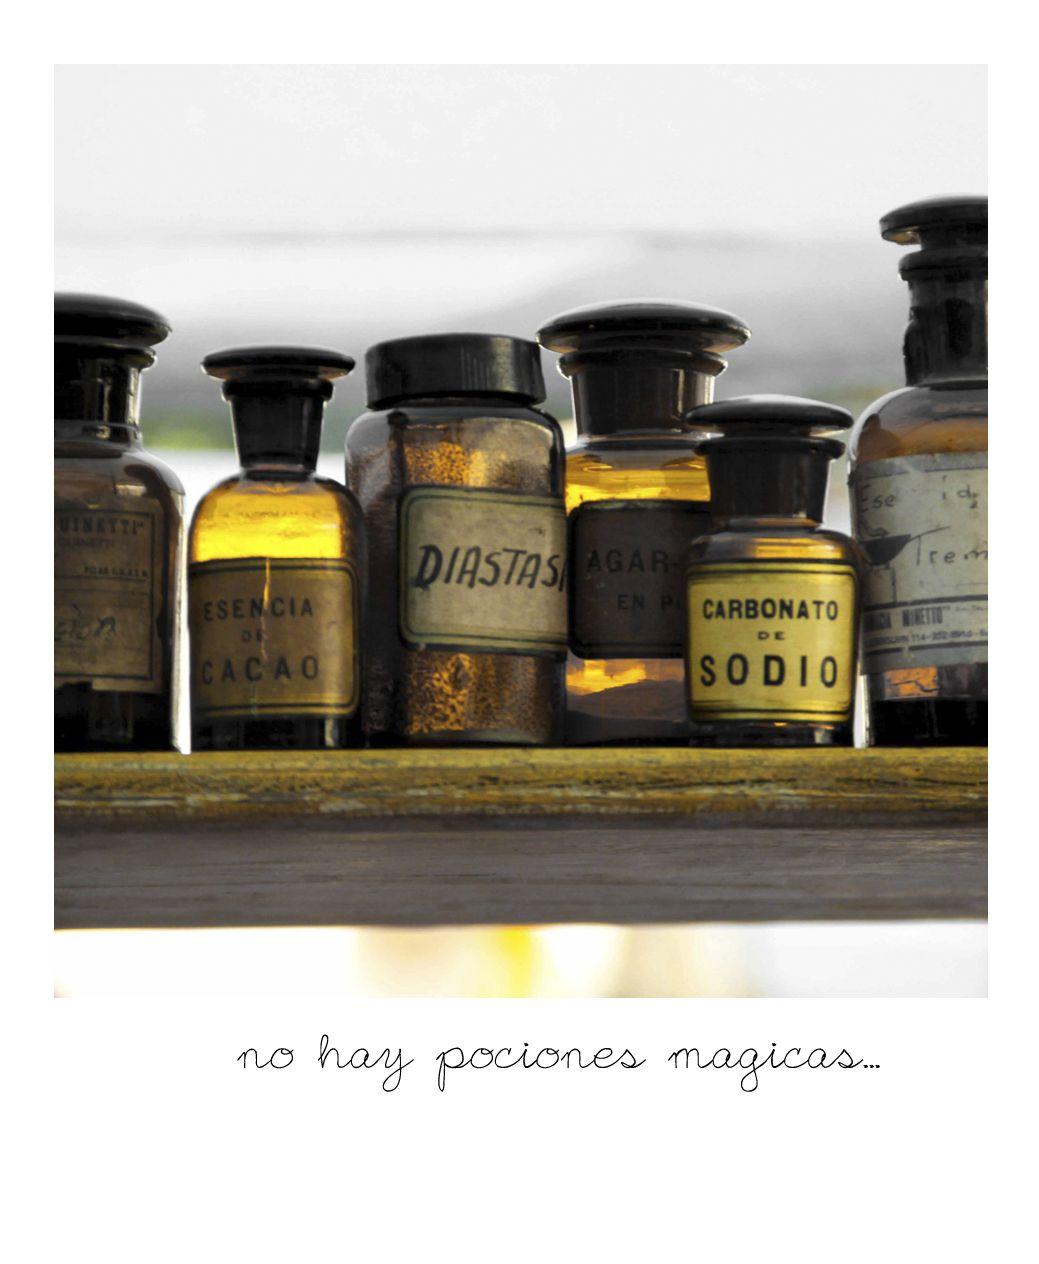 No hay recetas magicas